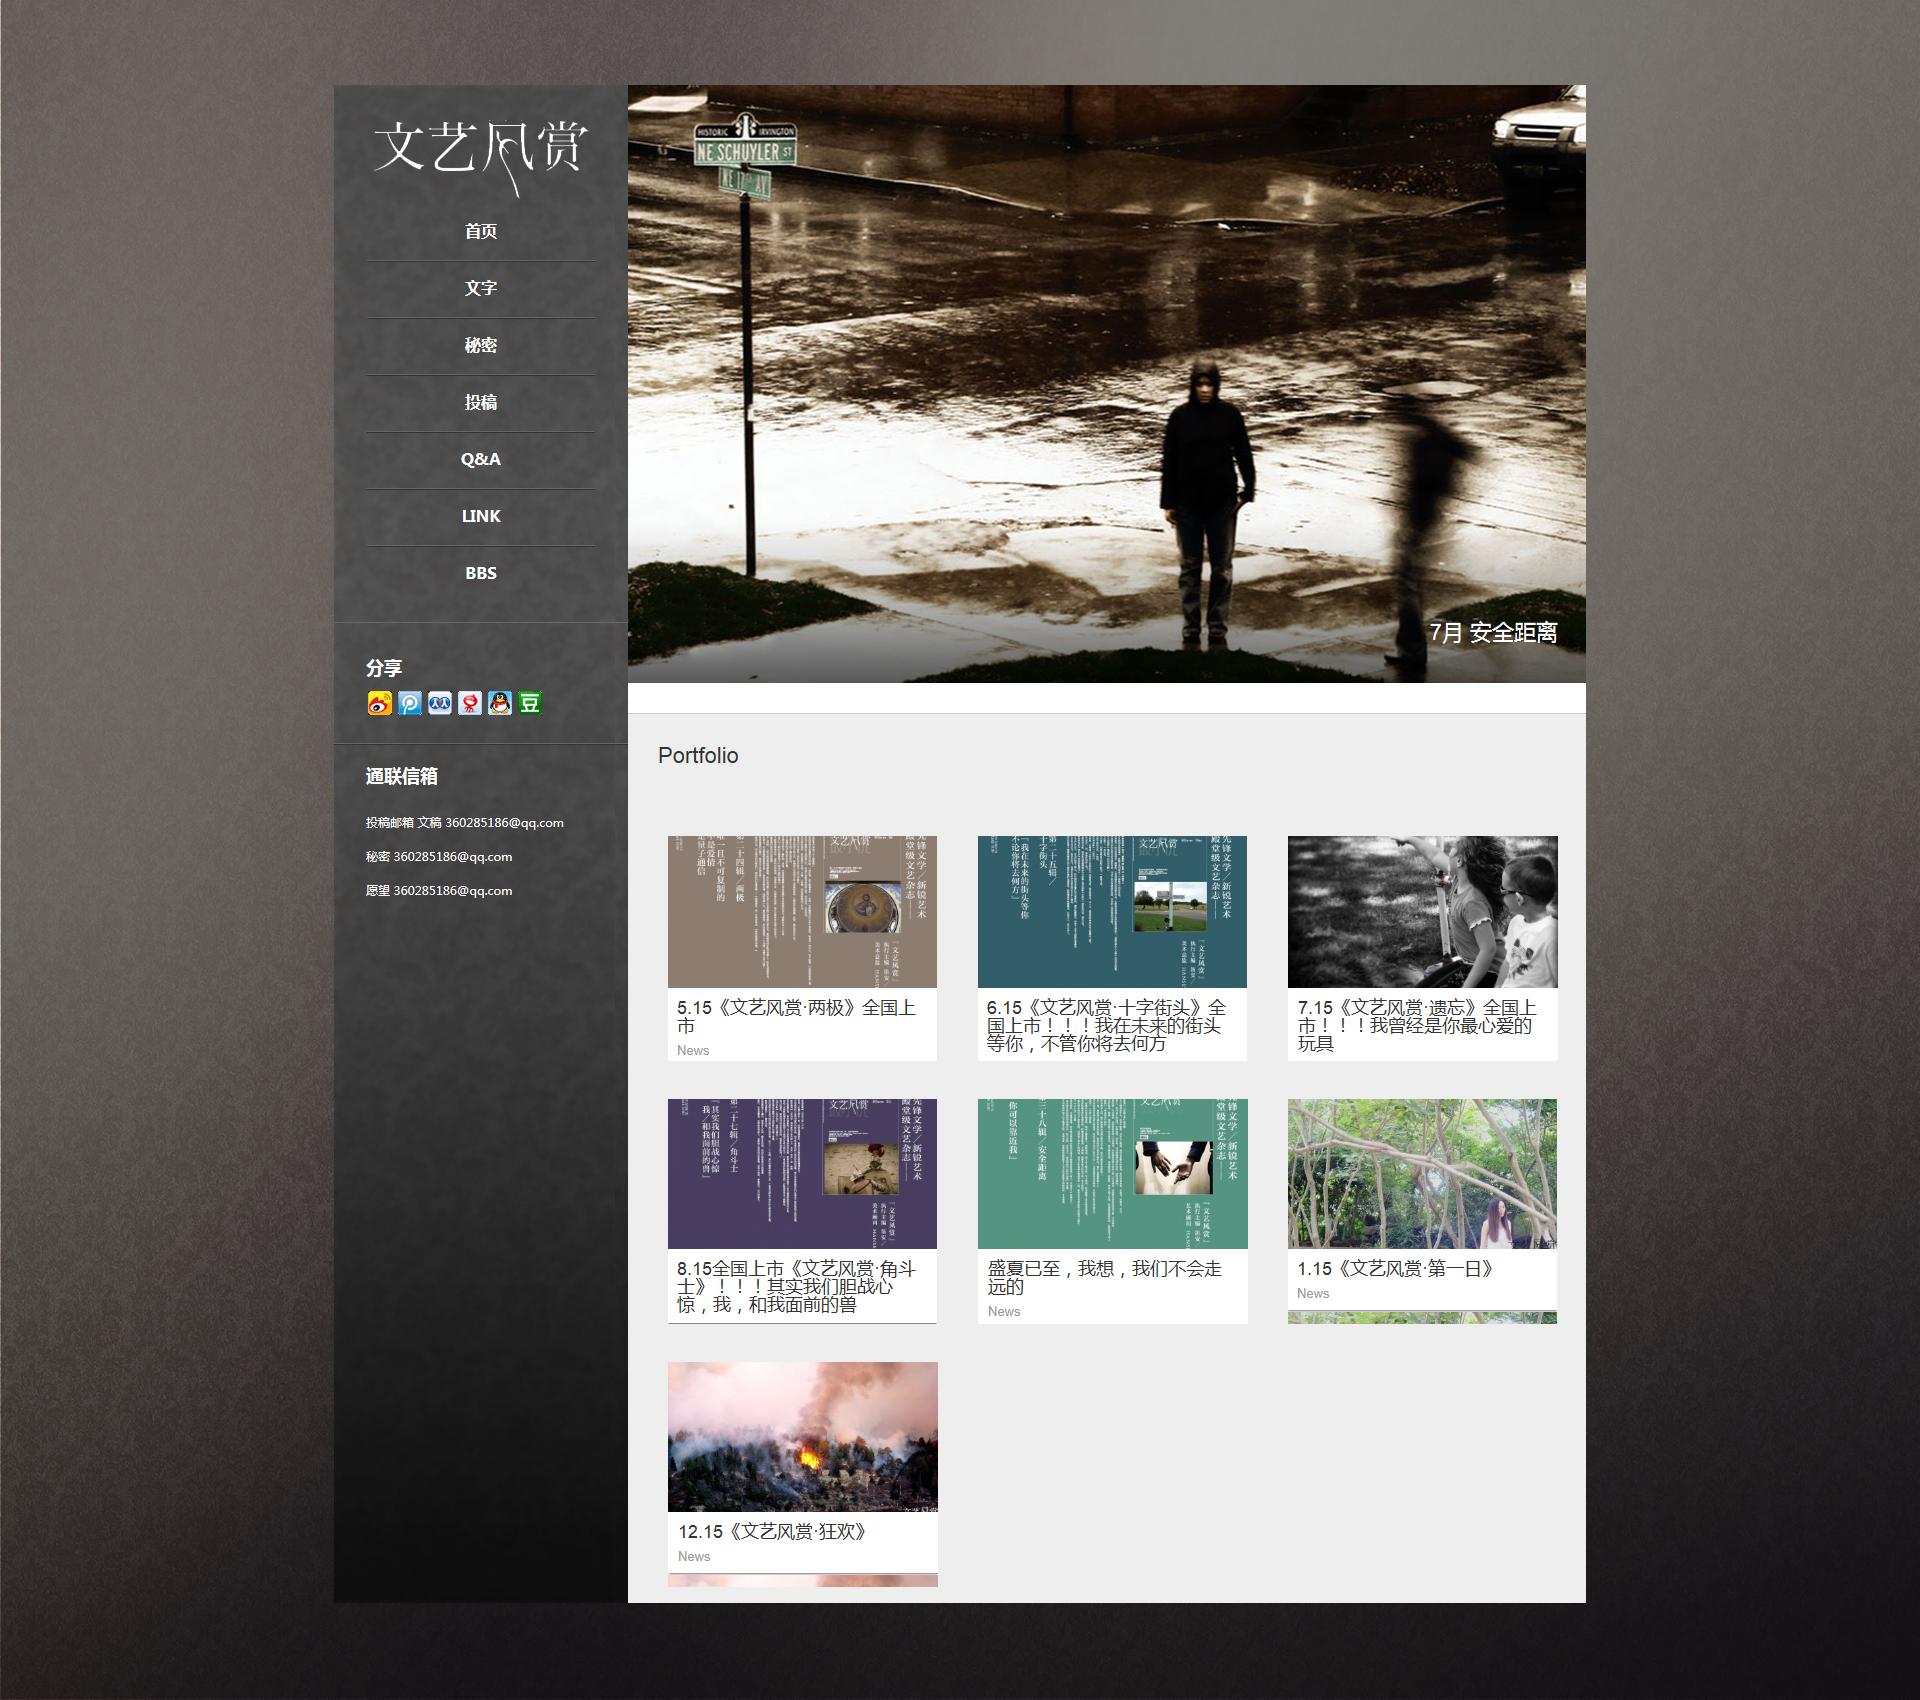 另外我设计的是网页,用代码实现了,怎么上传展示呀?图片